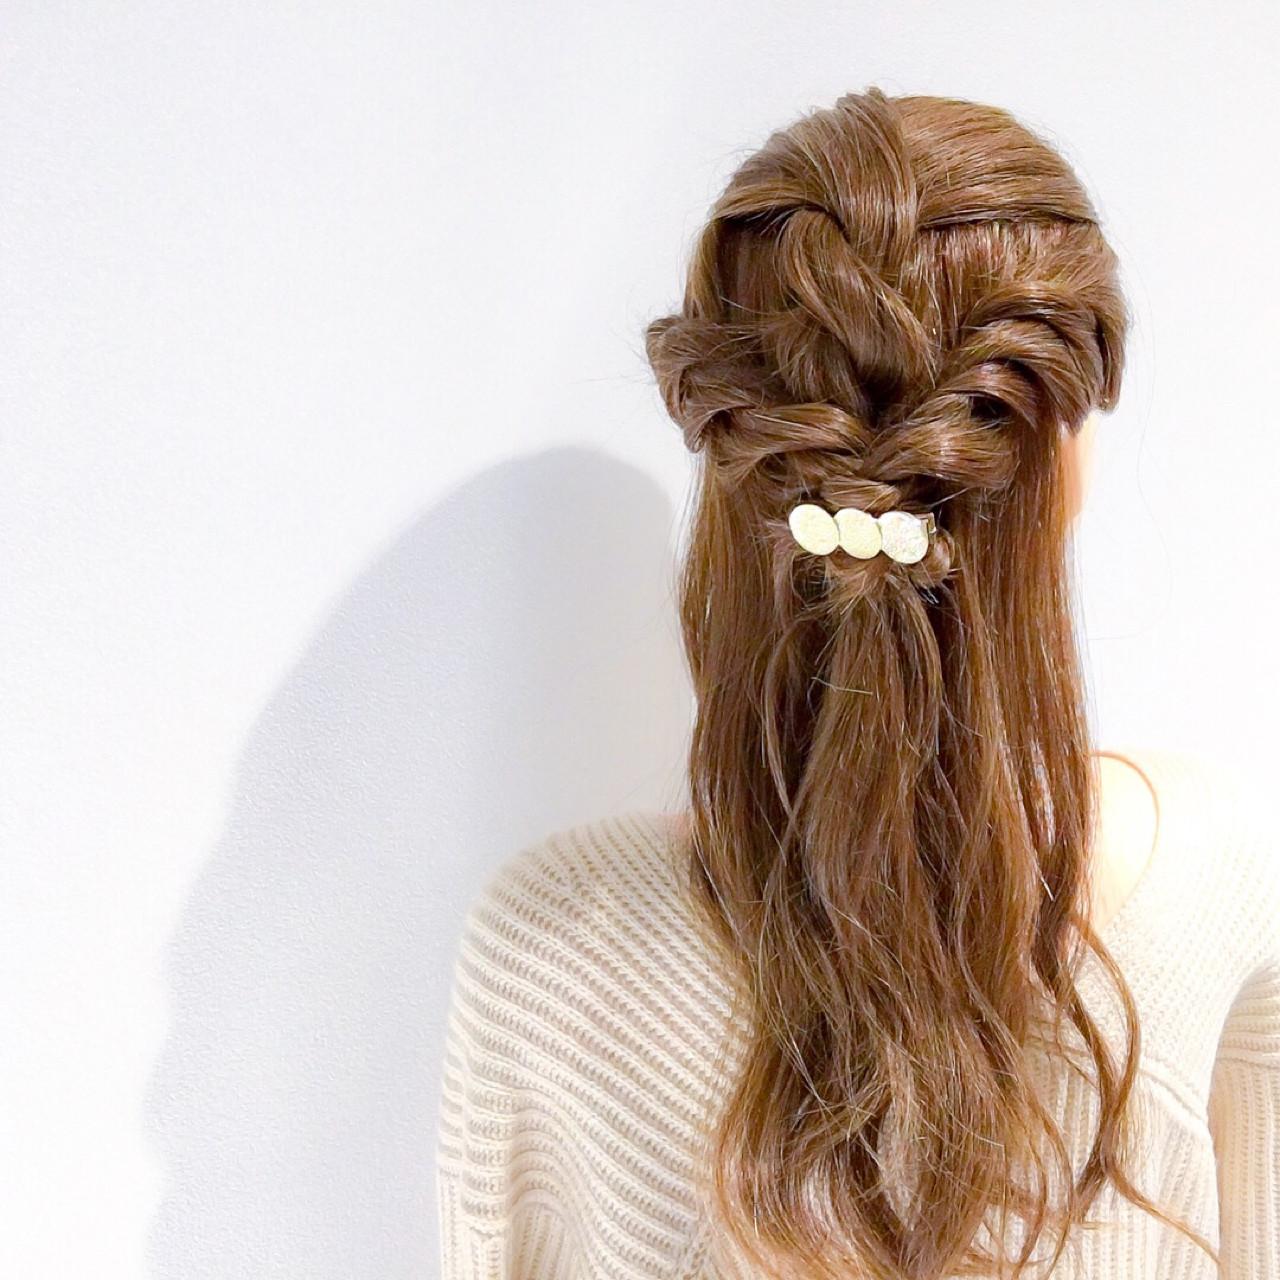 フェミニン ハーフアップ セミロング ヘアアレンジ ヘアスタイルや髪型の写真・画像 | 美容師HIRO/Amoute代表 / Amoute/アムティ